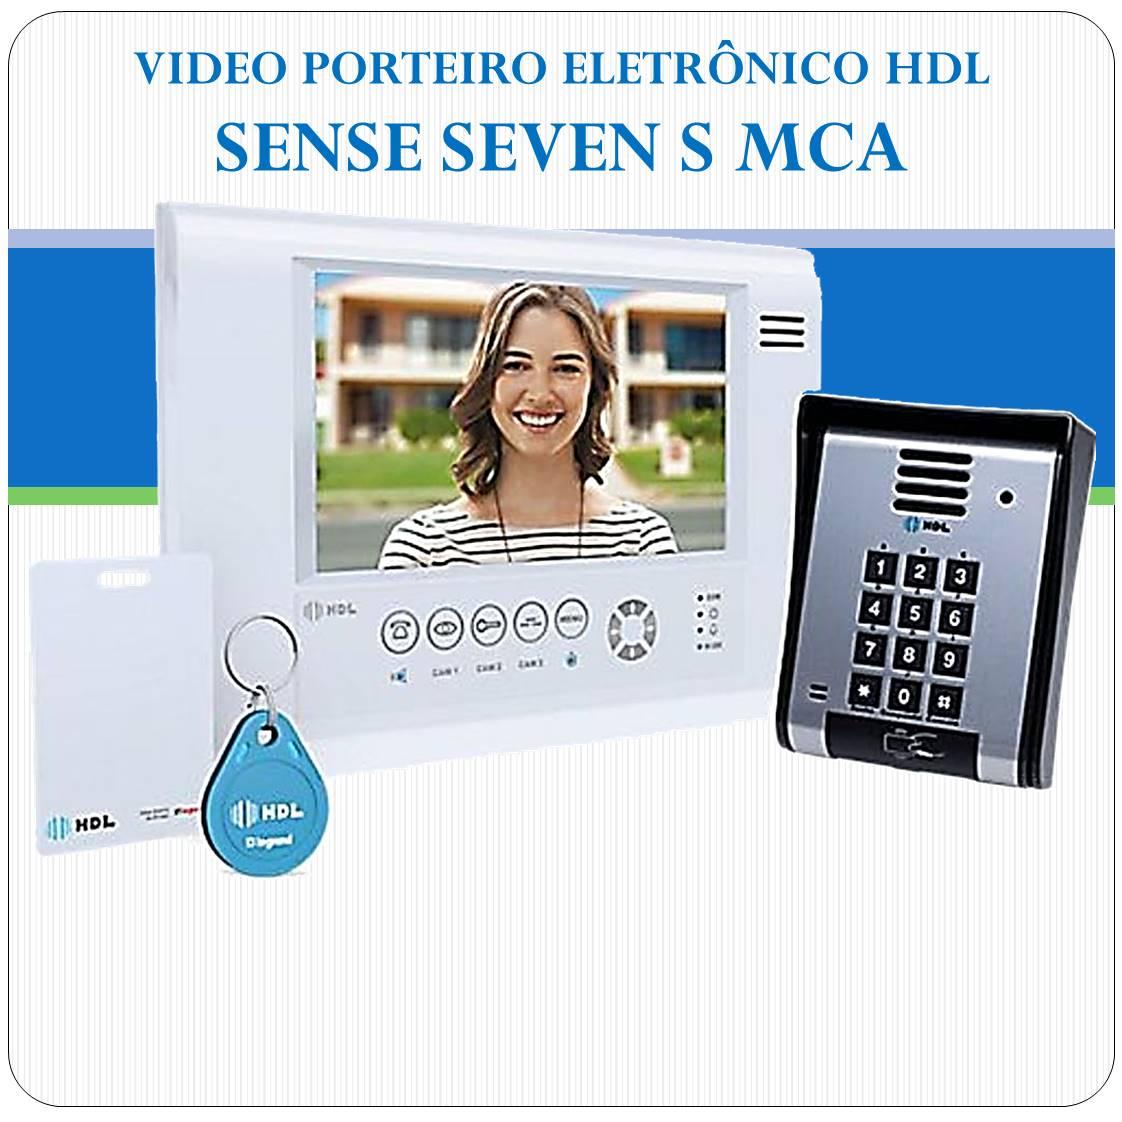 Video Porteiro Eletrônico HDL - Sense Seven S MCA